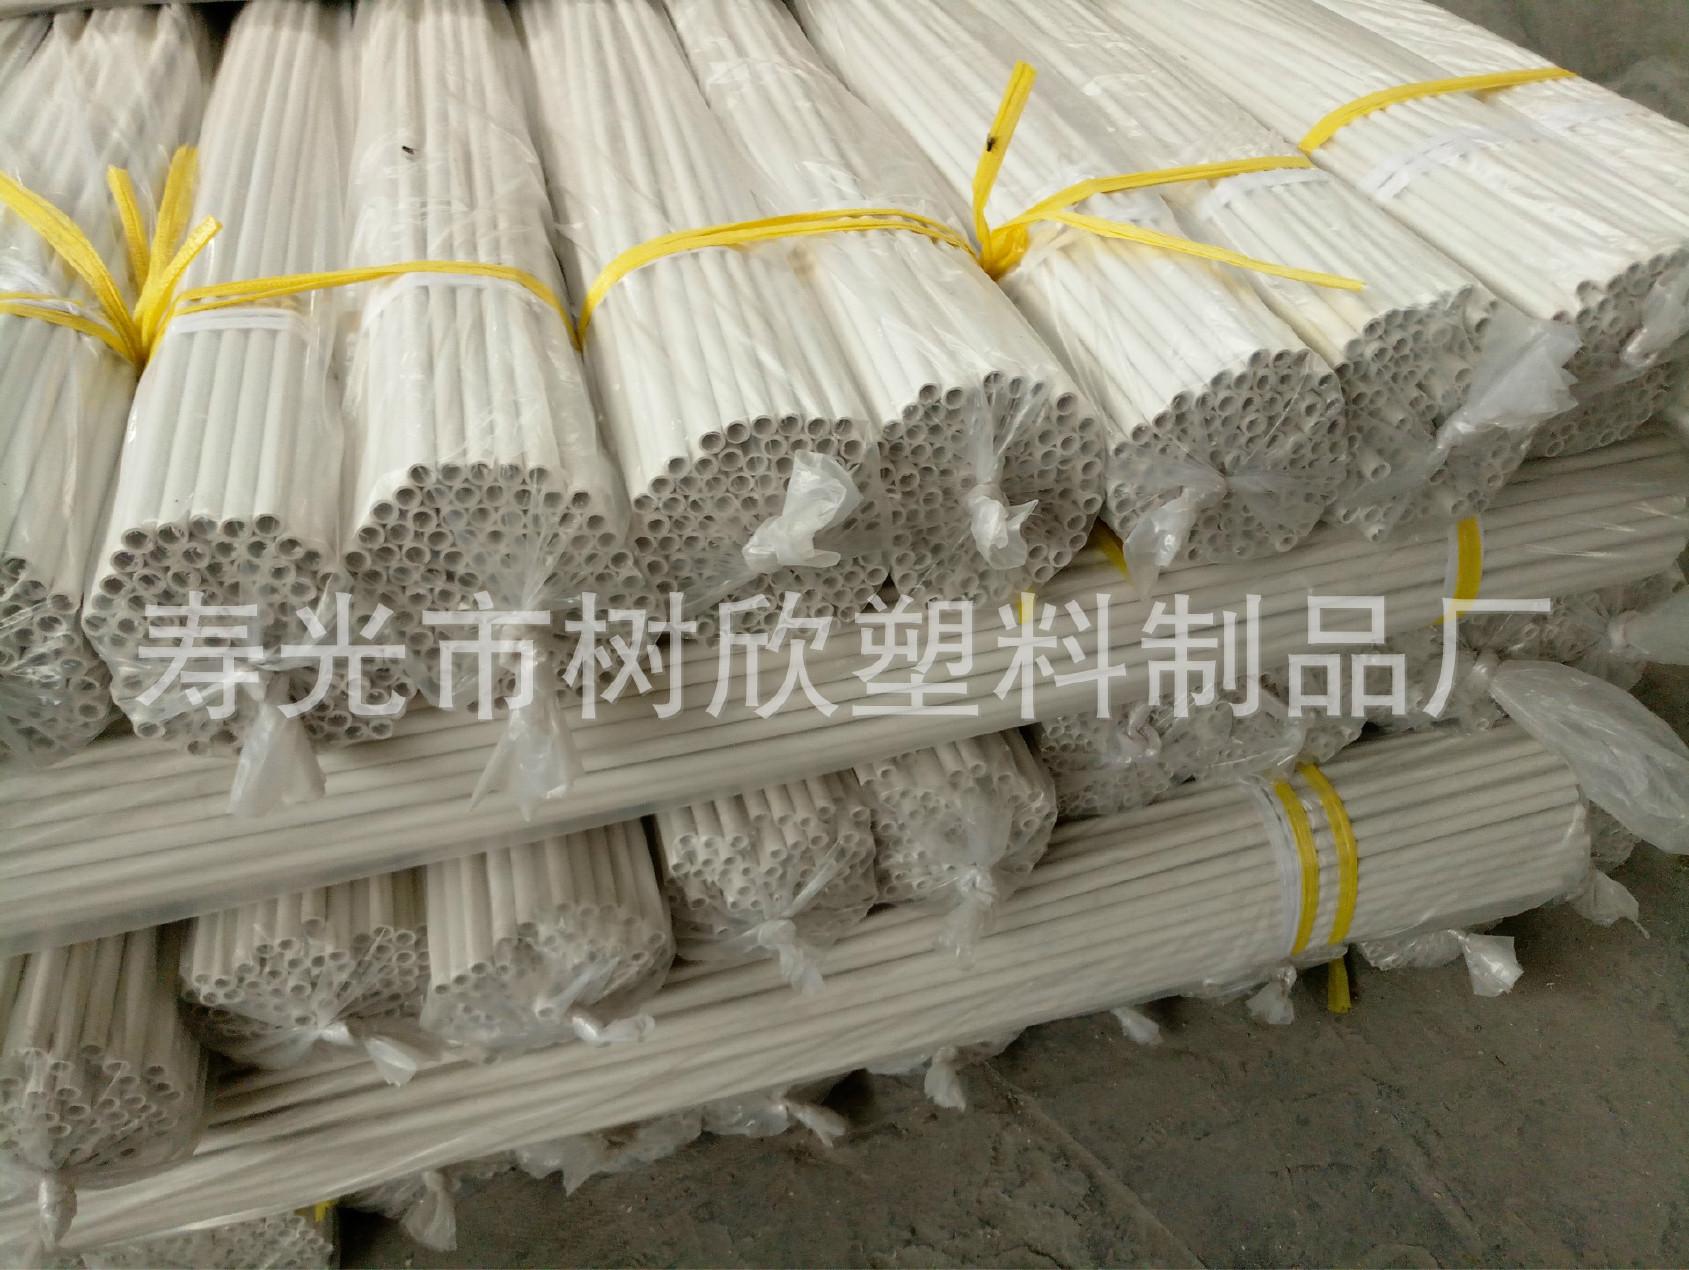 PVC塑料管 PVC硬管塑料管材 多规格厂家批发直销 PVC塑料管示例图44